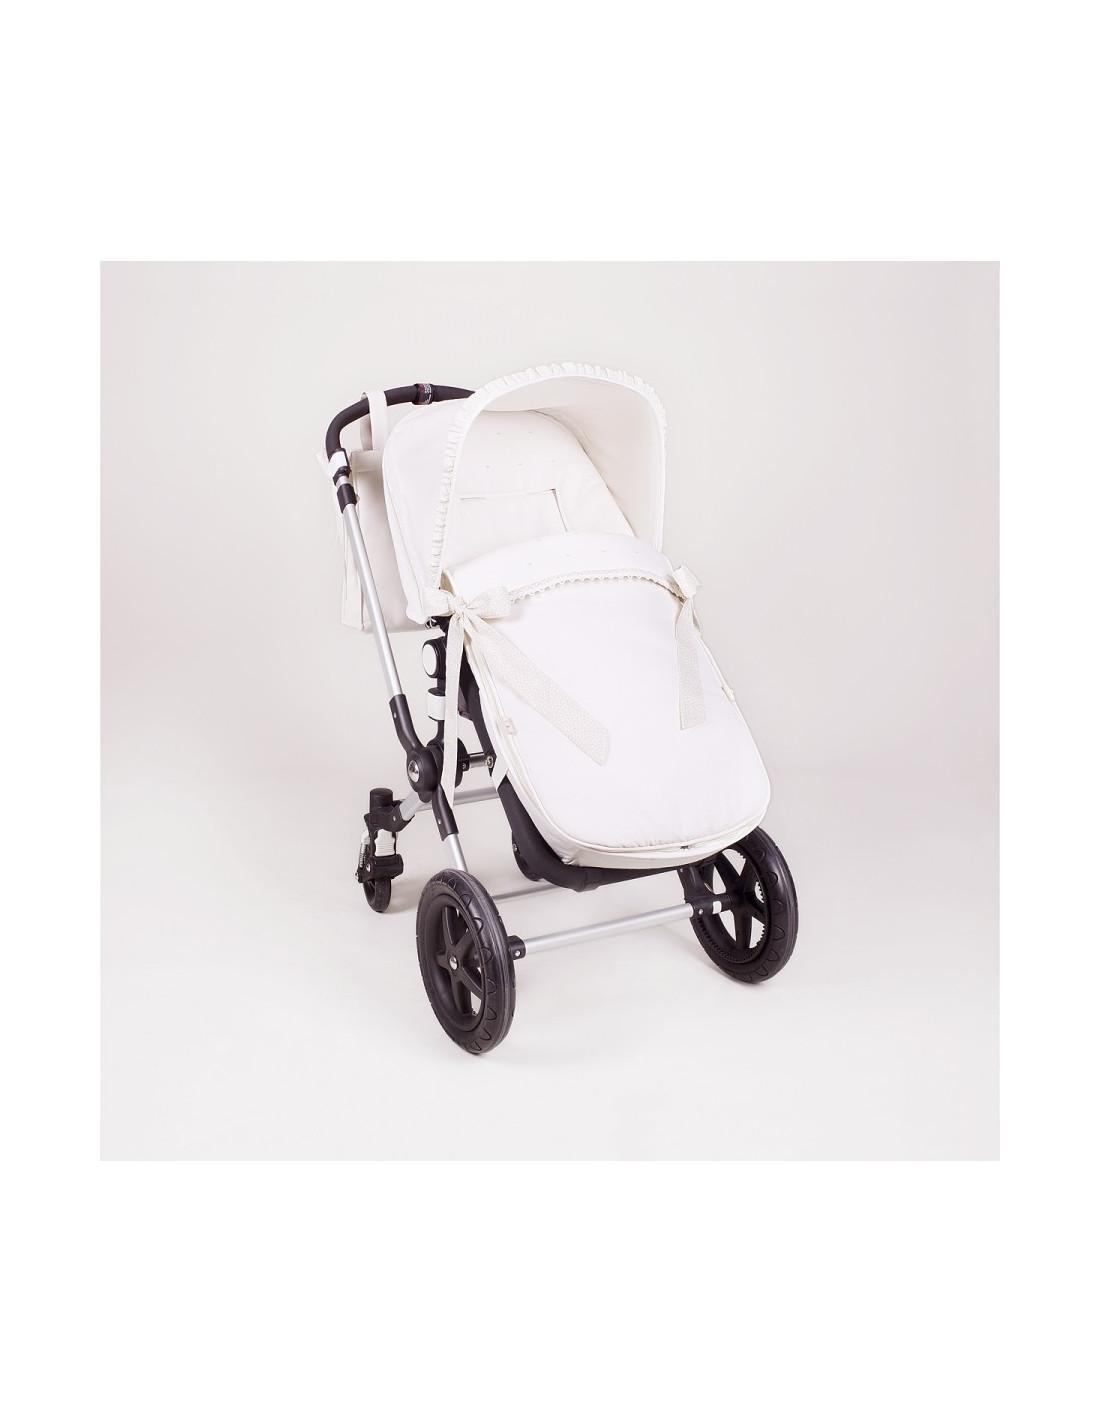 Saco para silla de paseo bugaboo de pili carrera compra online - Sacos para sillas de paseo bugaboo ...